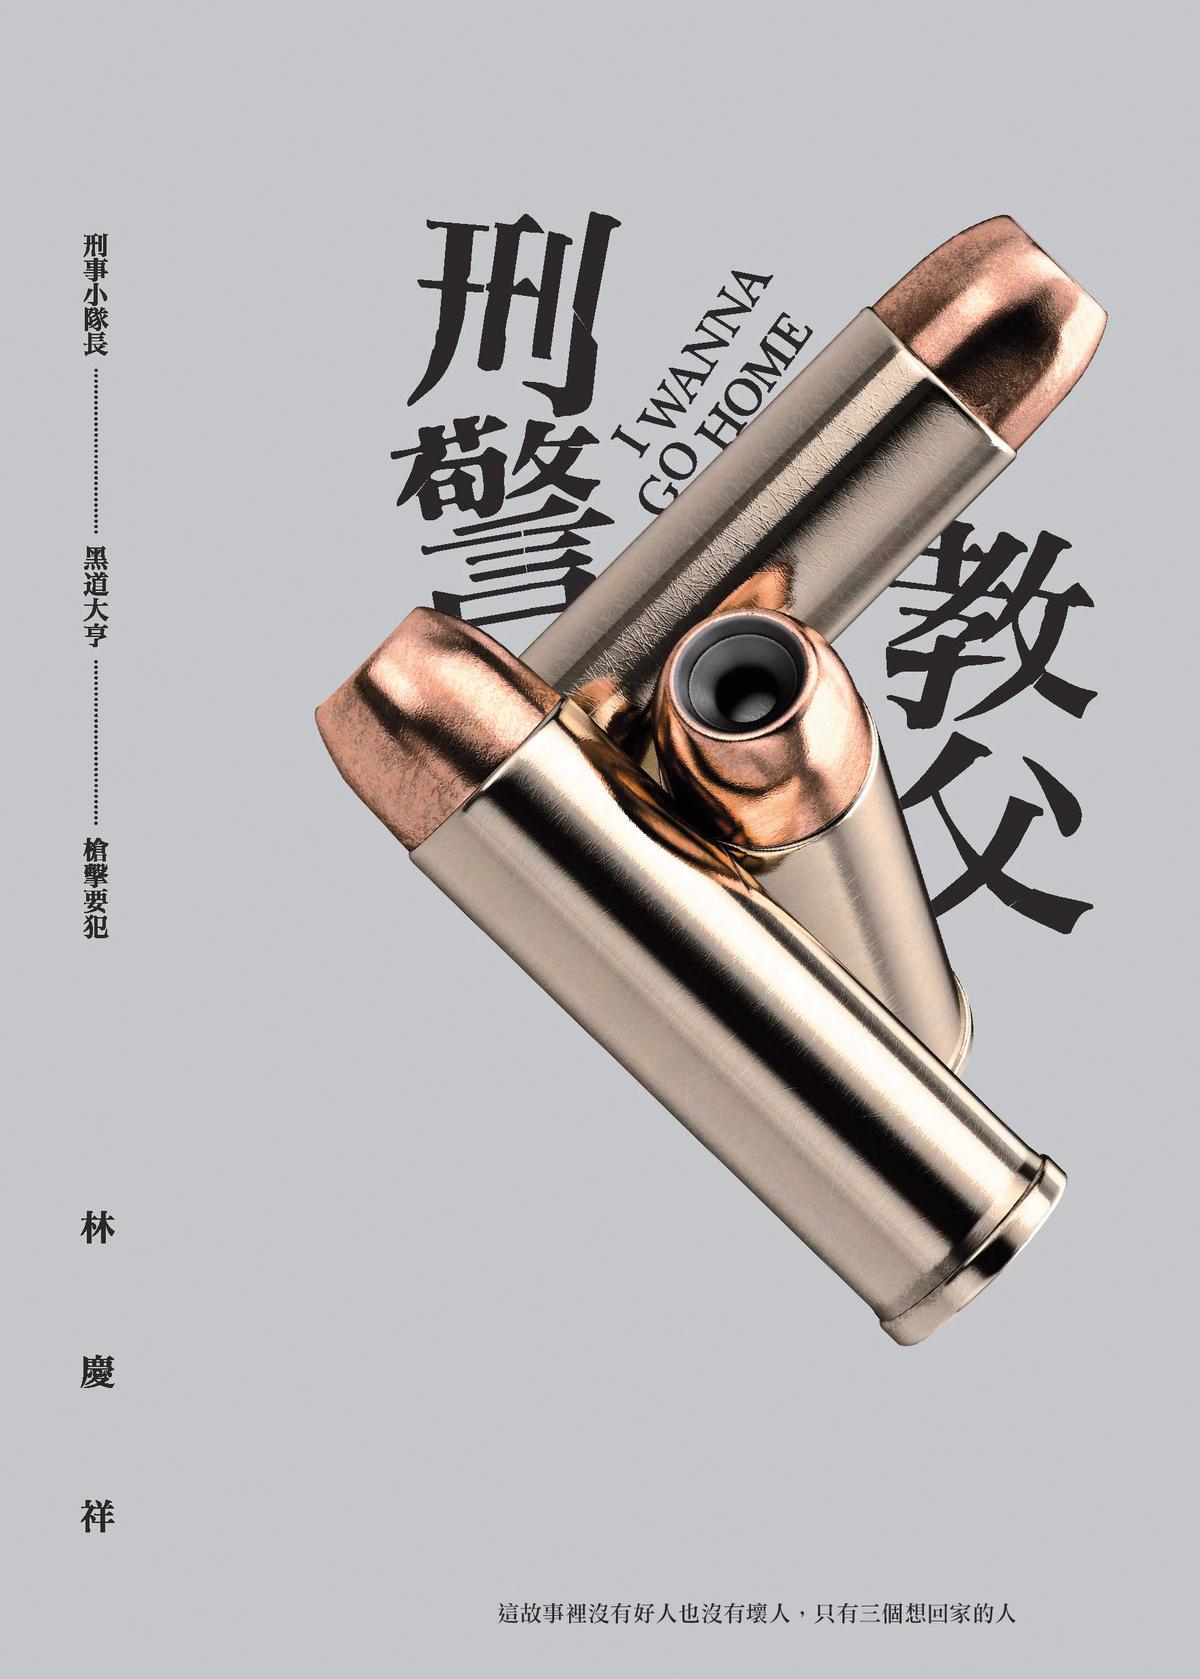 林慶祥的《刑警教父》,是鏡文學第一部賣出的素人小說,預計明年拍攝成電視劇上檔。(鏡文學提供)